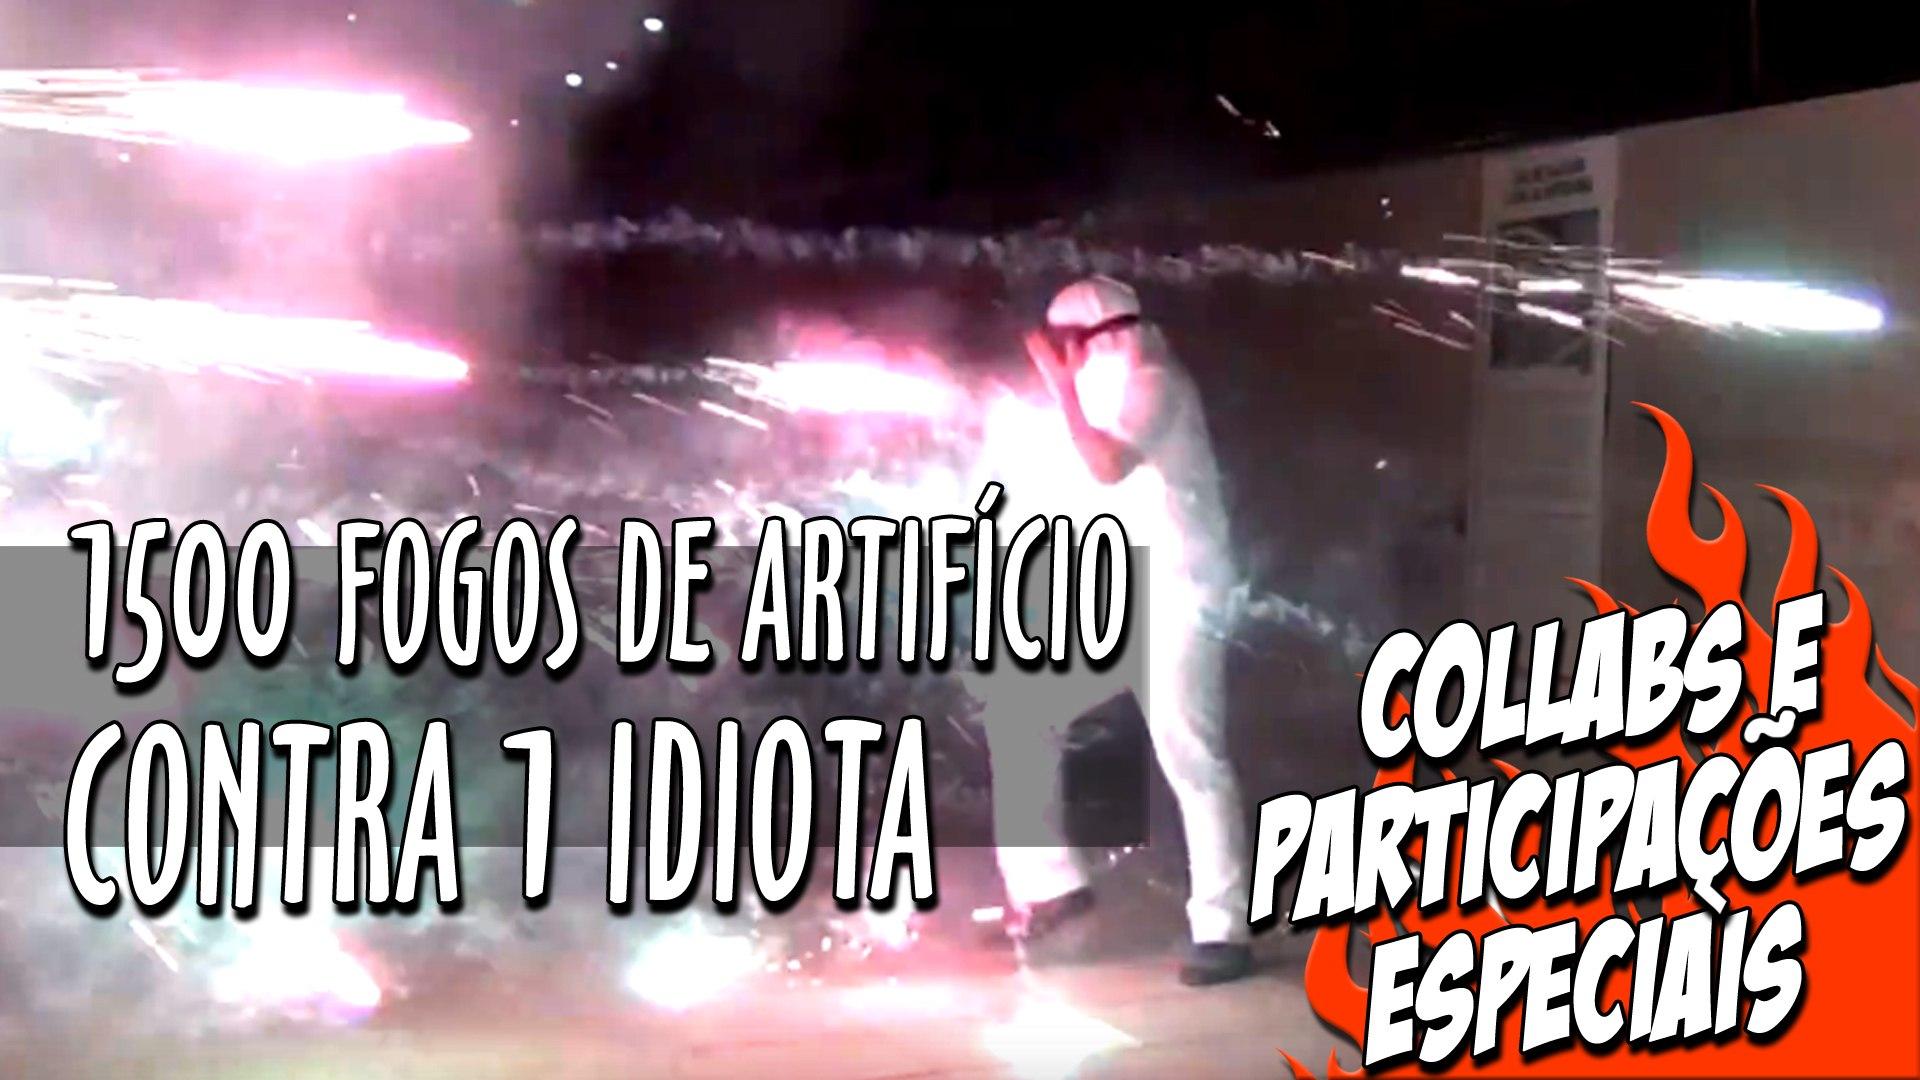 1500 Fogos de Artifício vs 1 idiota